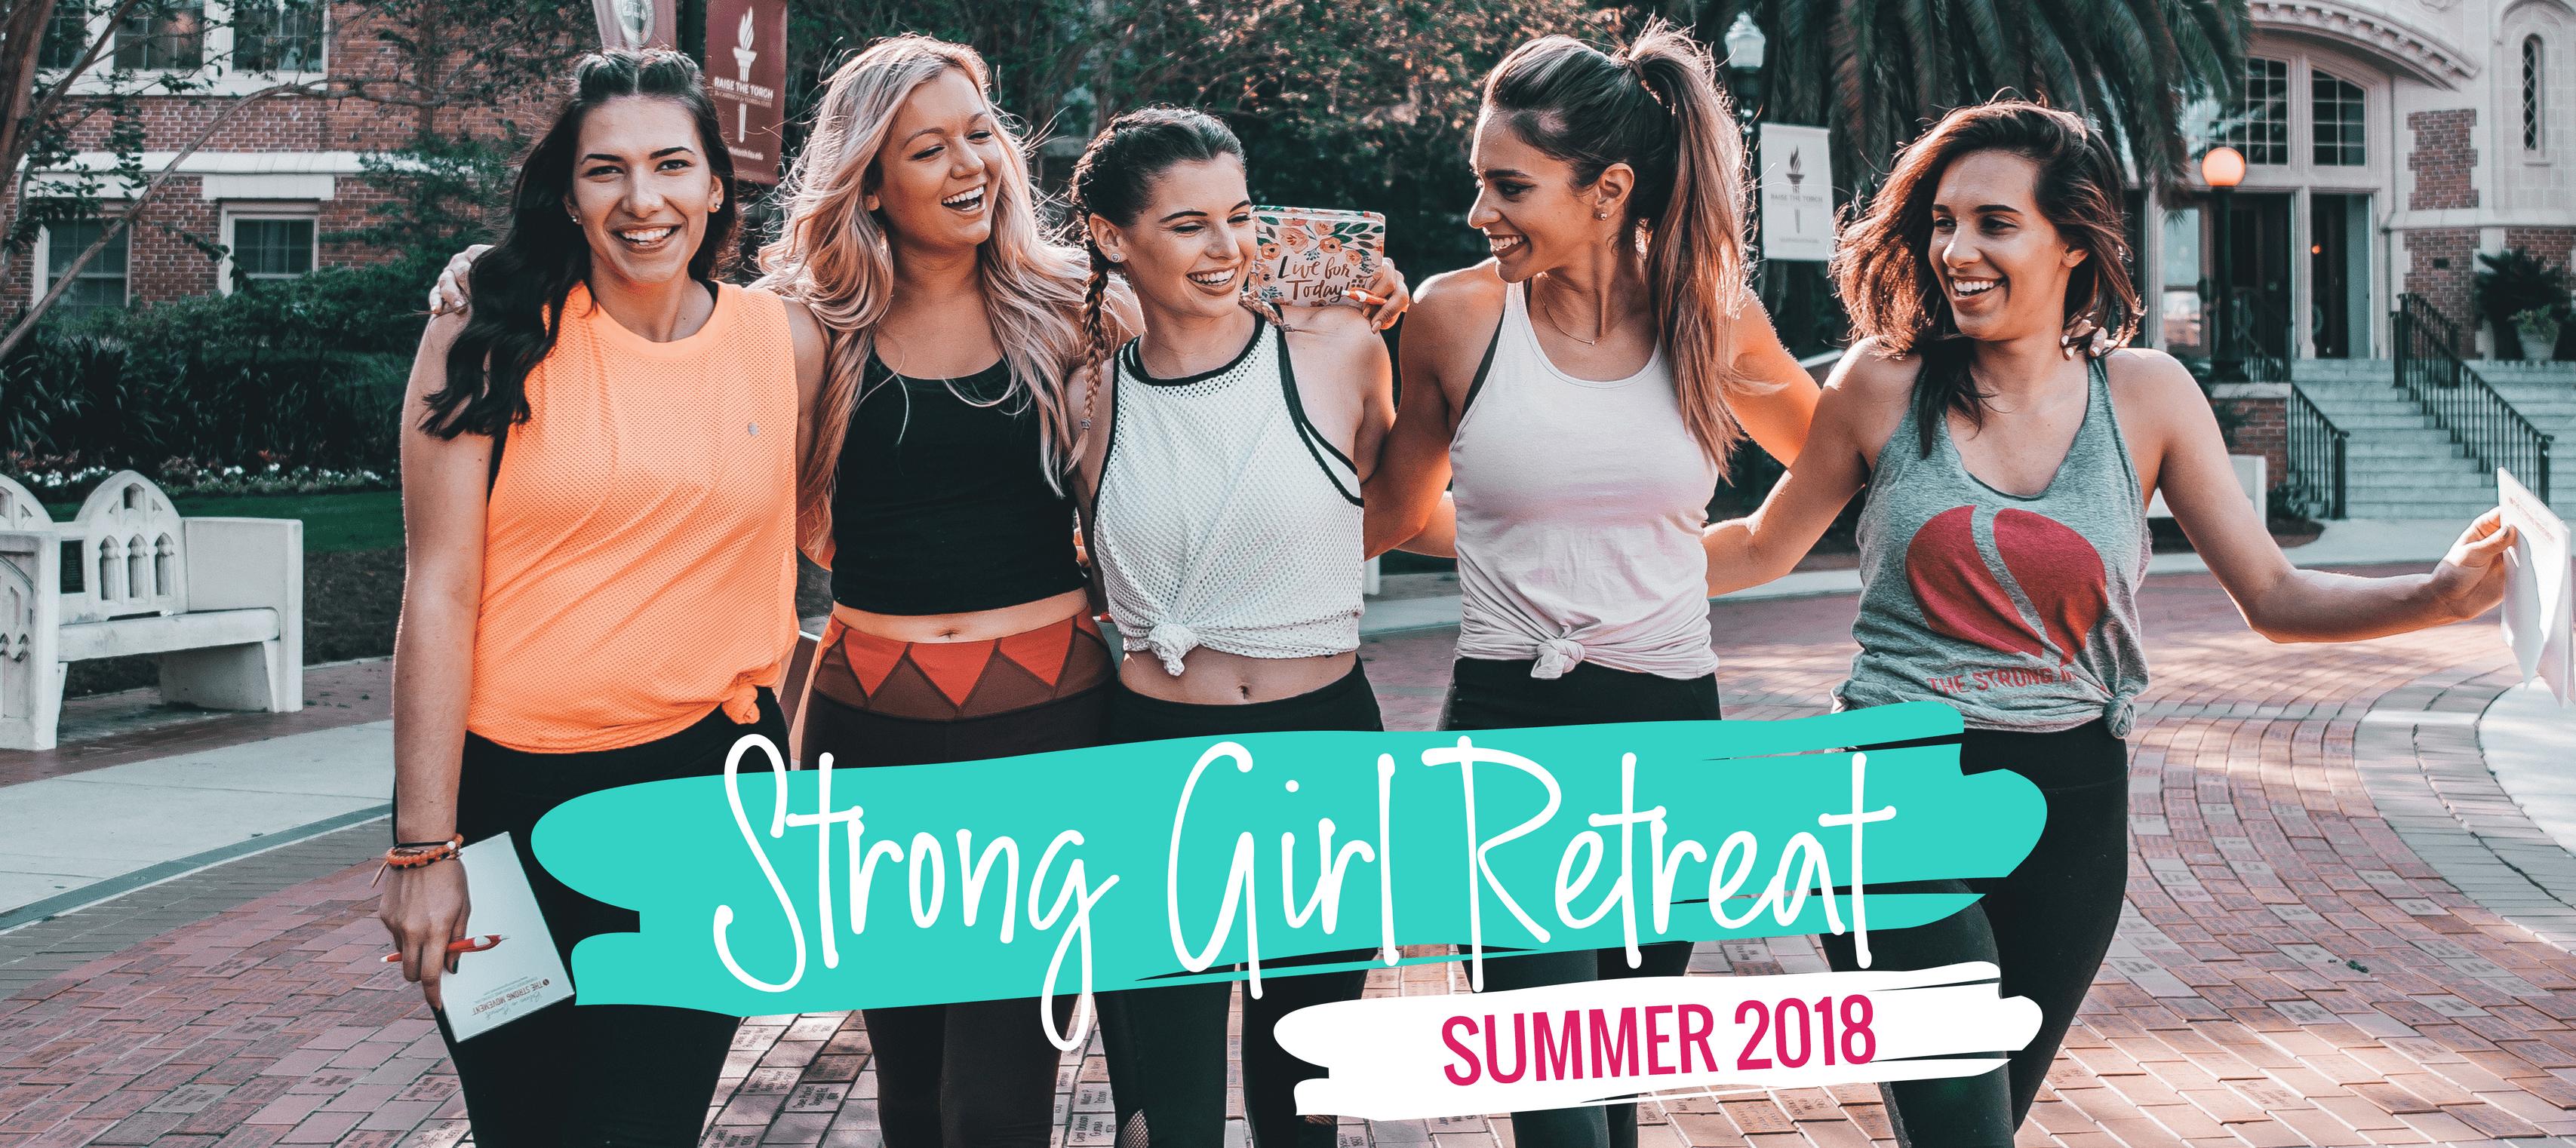 Strong Girl Retreat Summer 2018 3414x1522 png-min